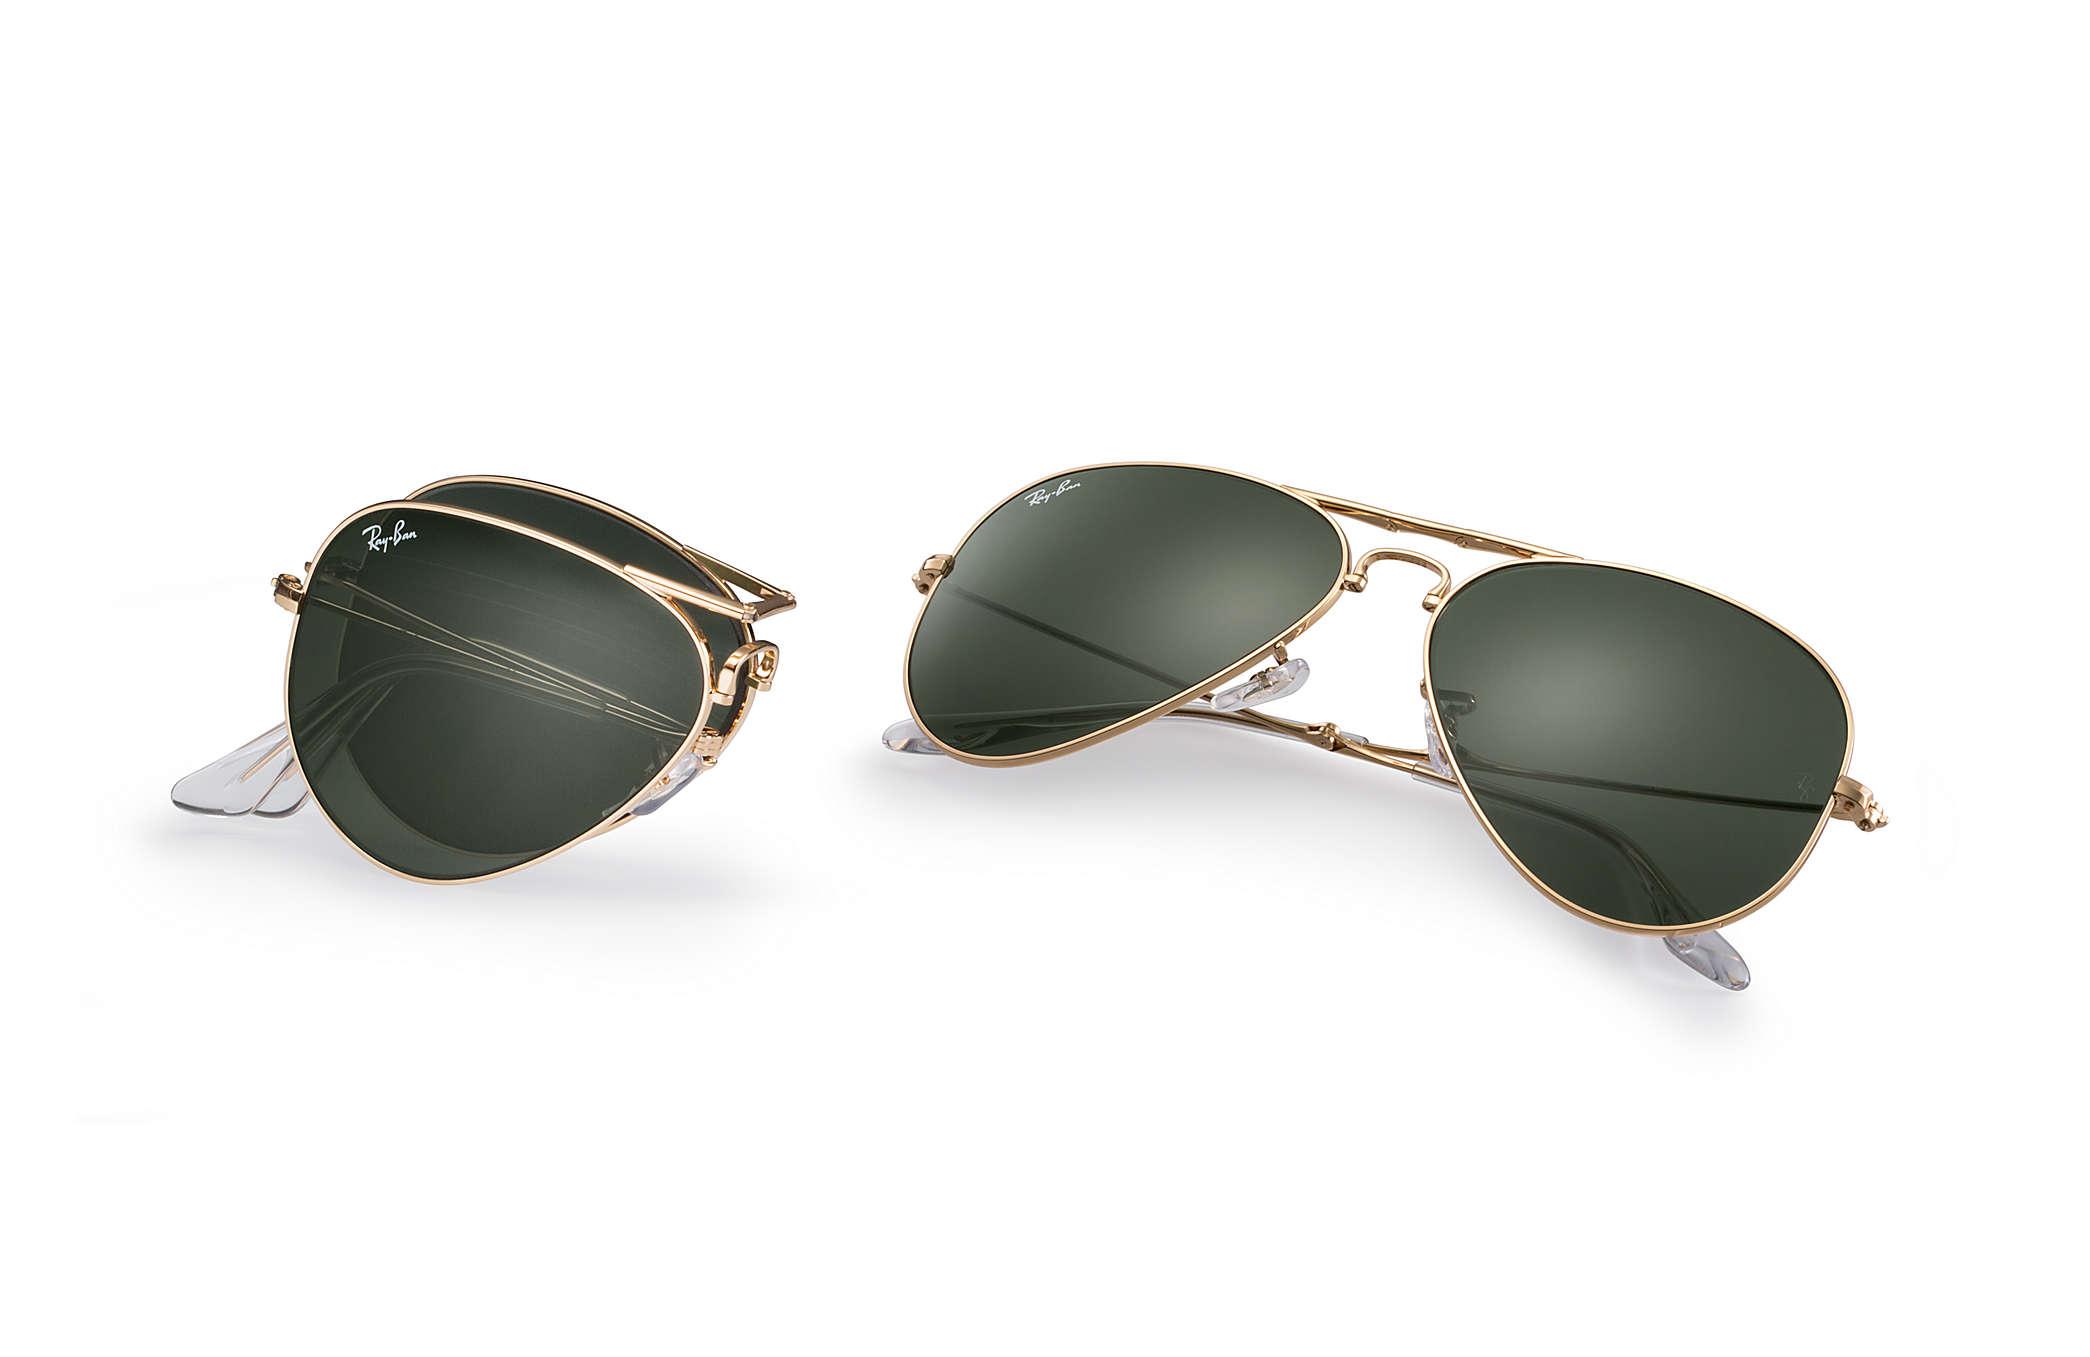 ray ban sunglasses folding aviator  ray ban 0rb3479 aviator folding gold sun